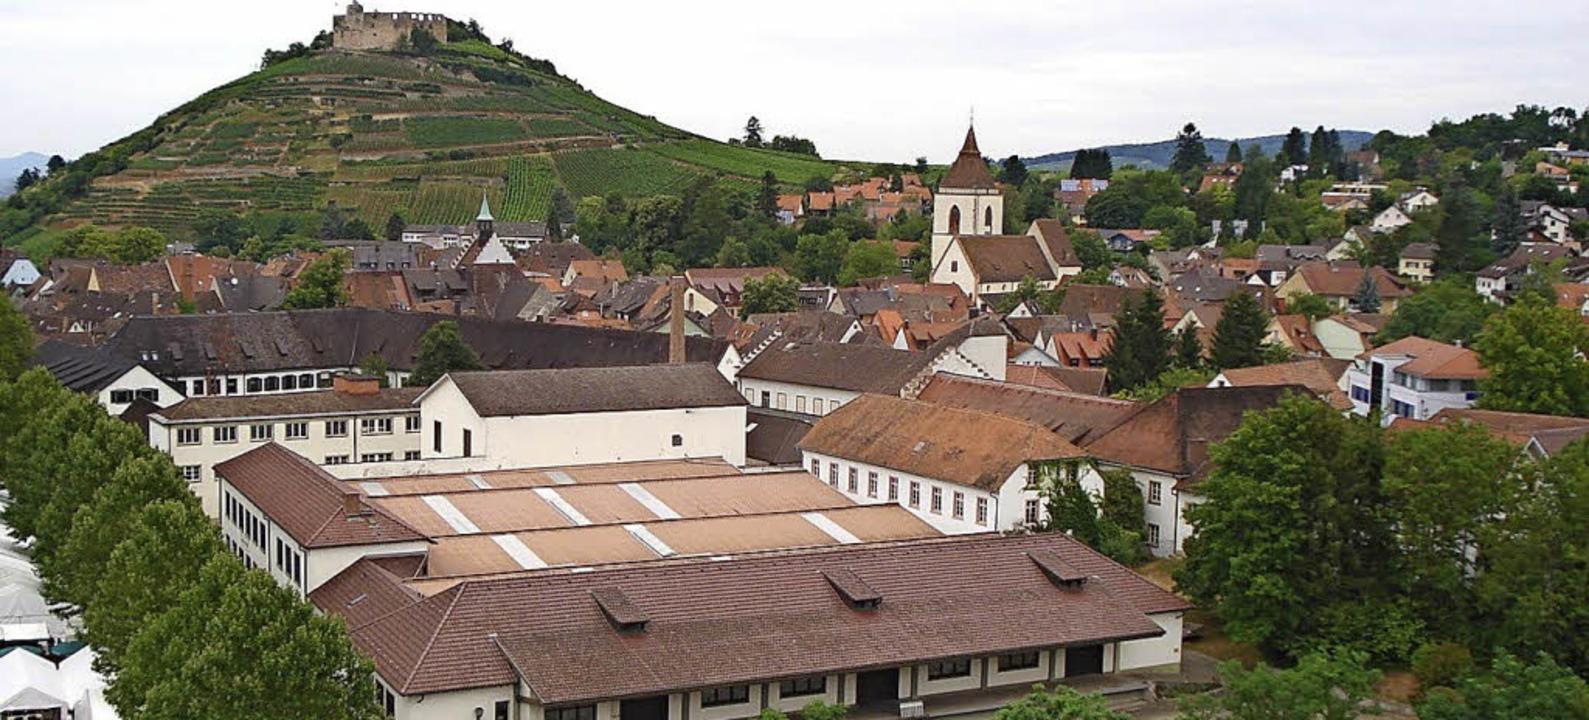 Das Schladerer-Areal in Staufen vor der Burg     Foto: Elmar Bernauer